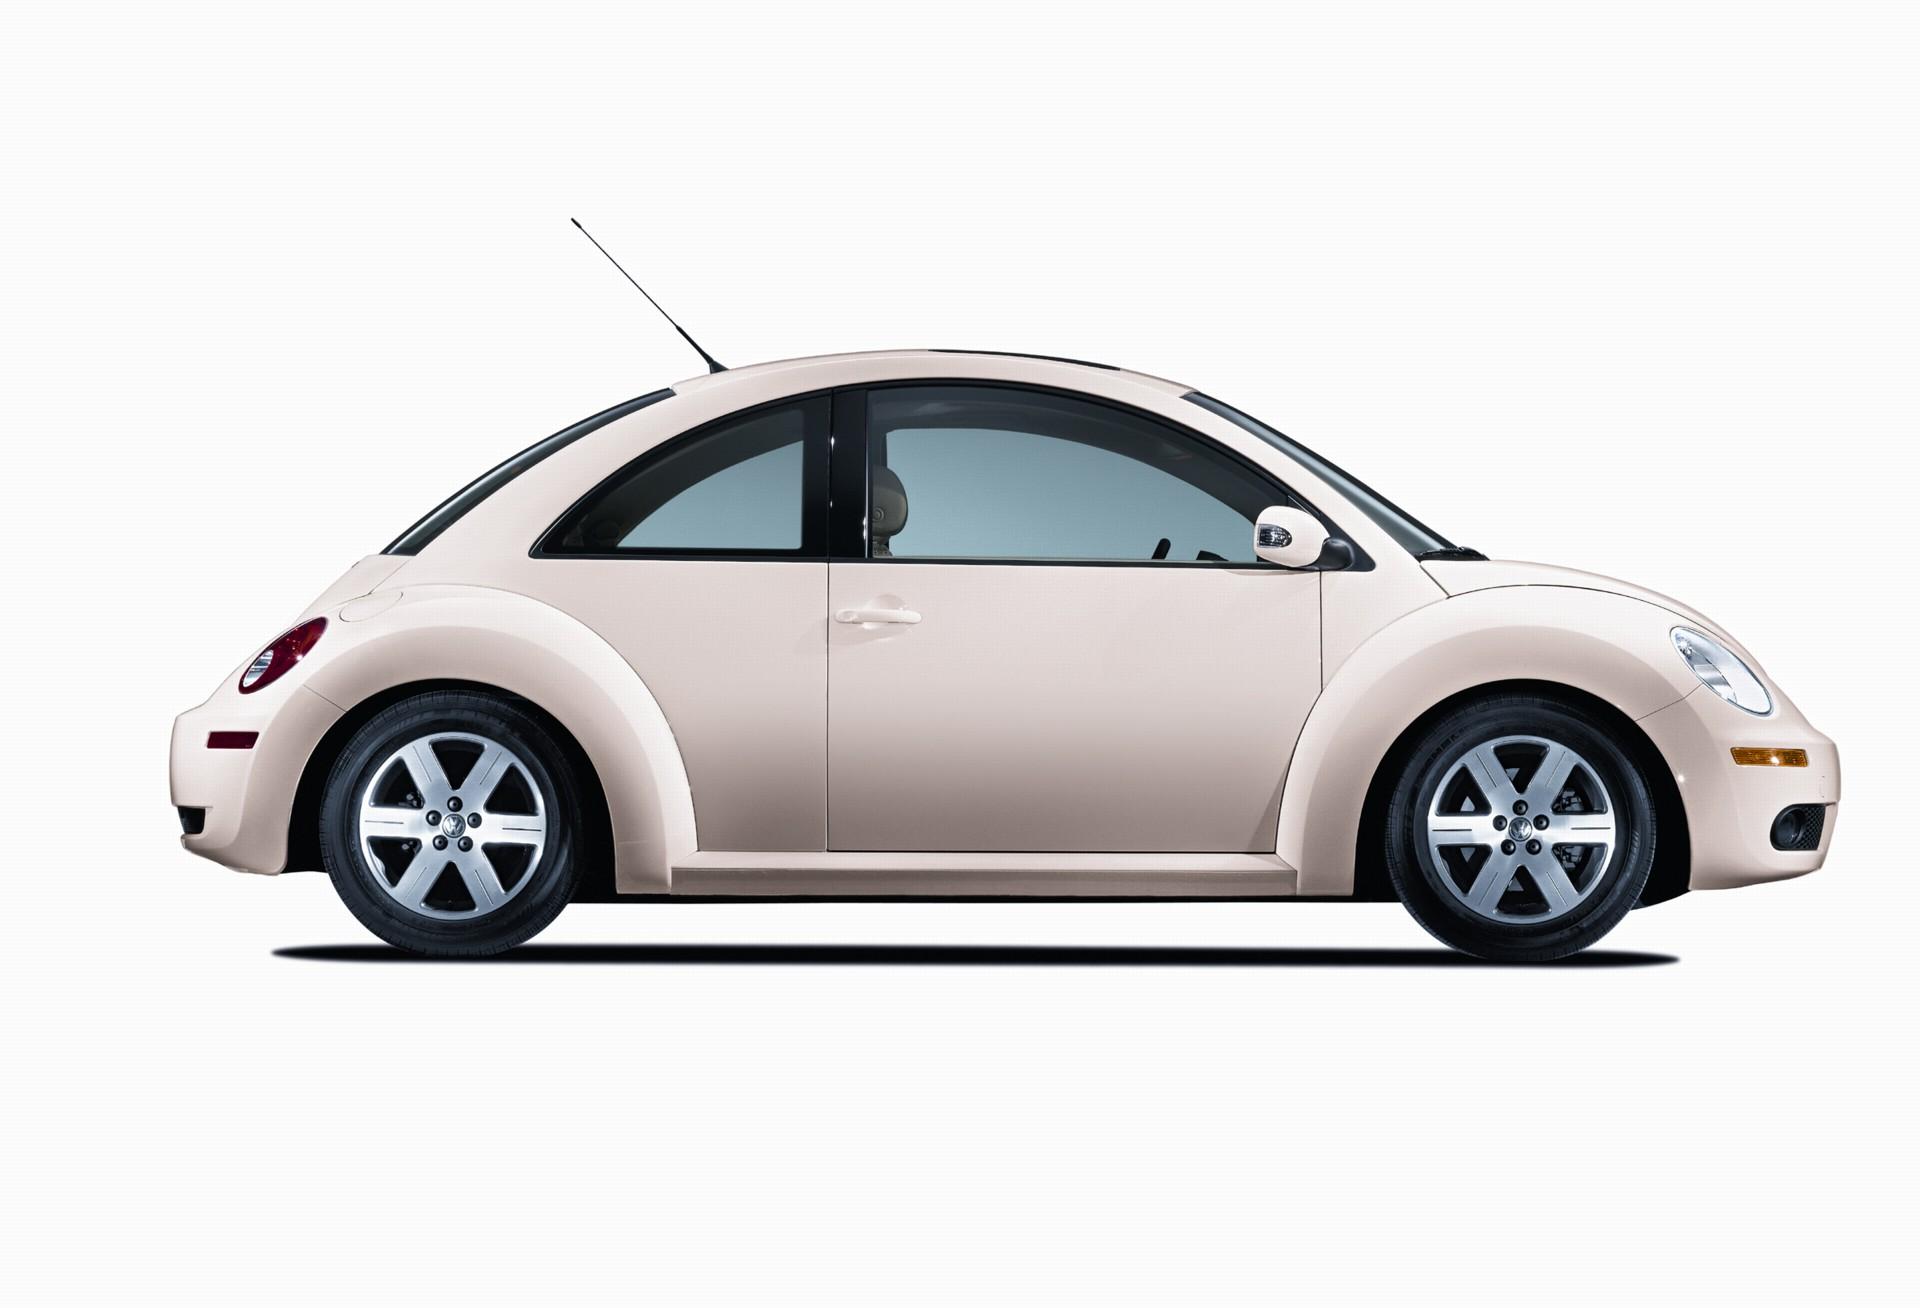 2007 Volkswagen New Beetle Image 17